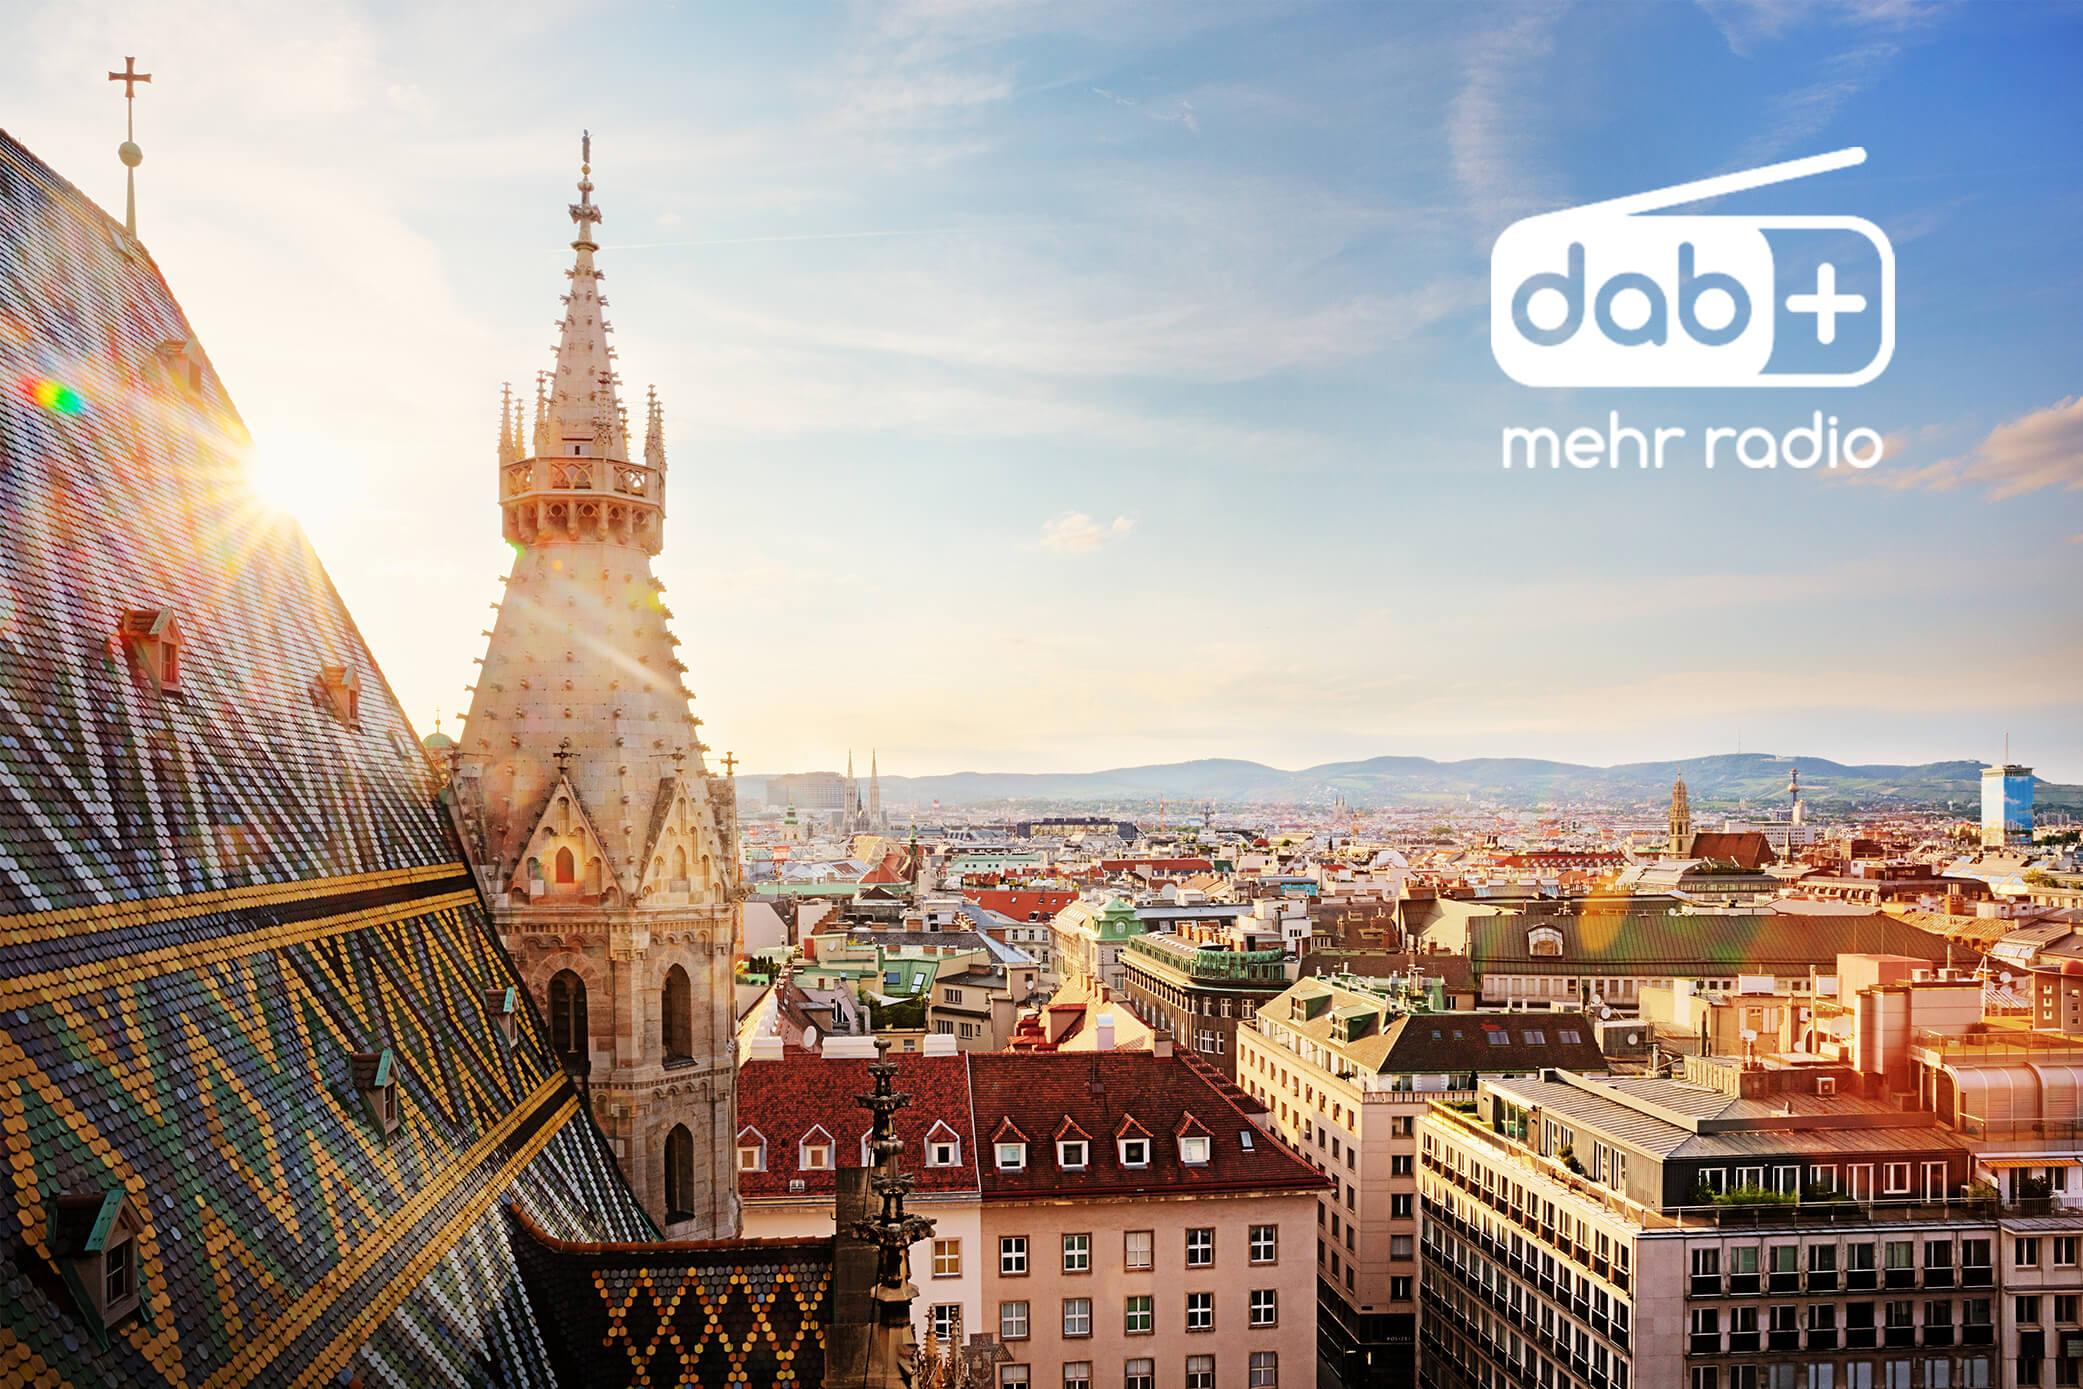 Jetzt auch in Österreich: Digitalradio DAB+ startet bundesweite Verbreitung